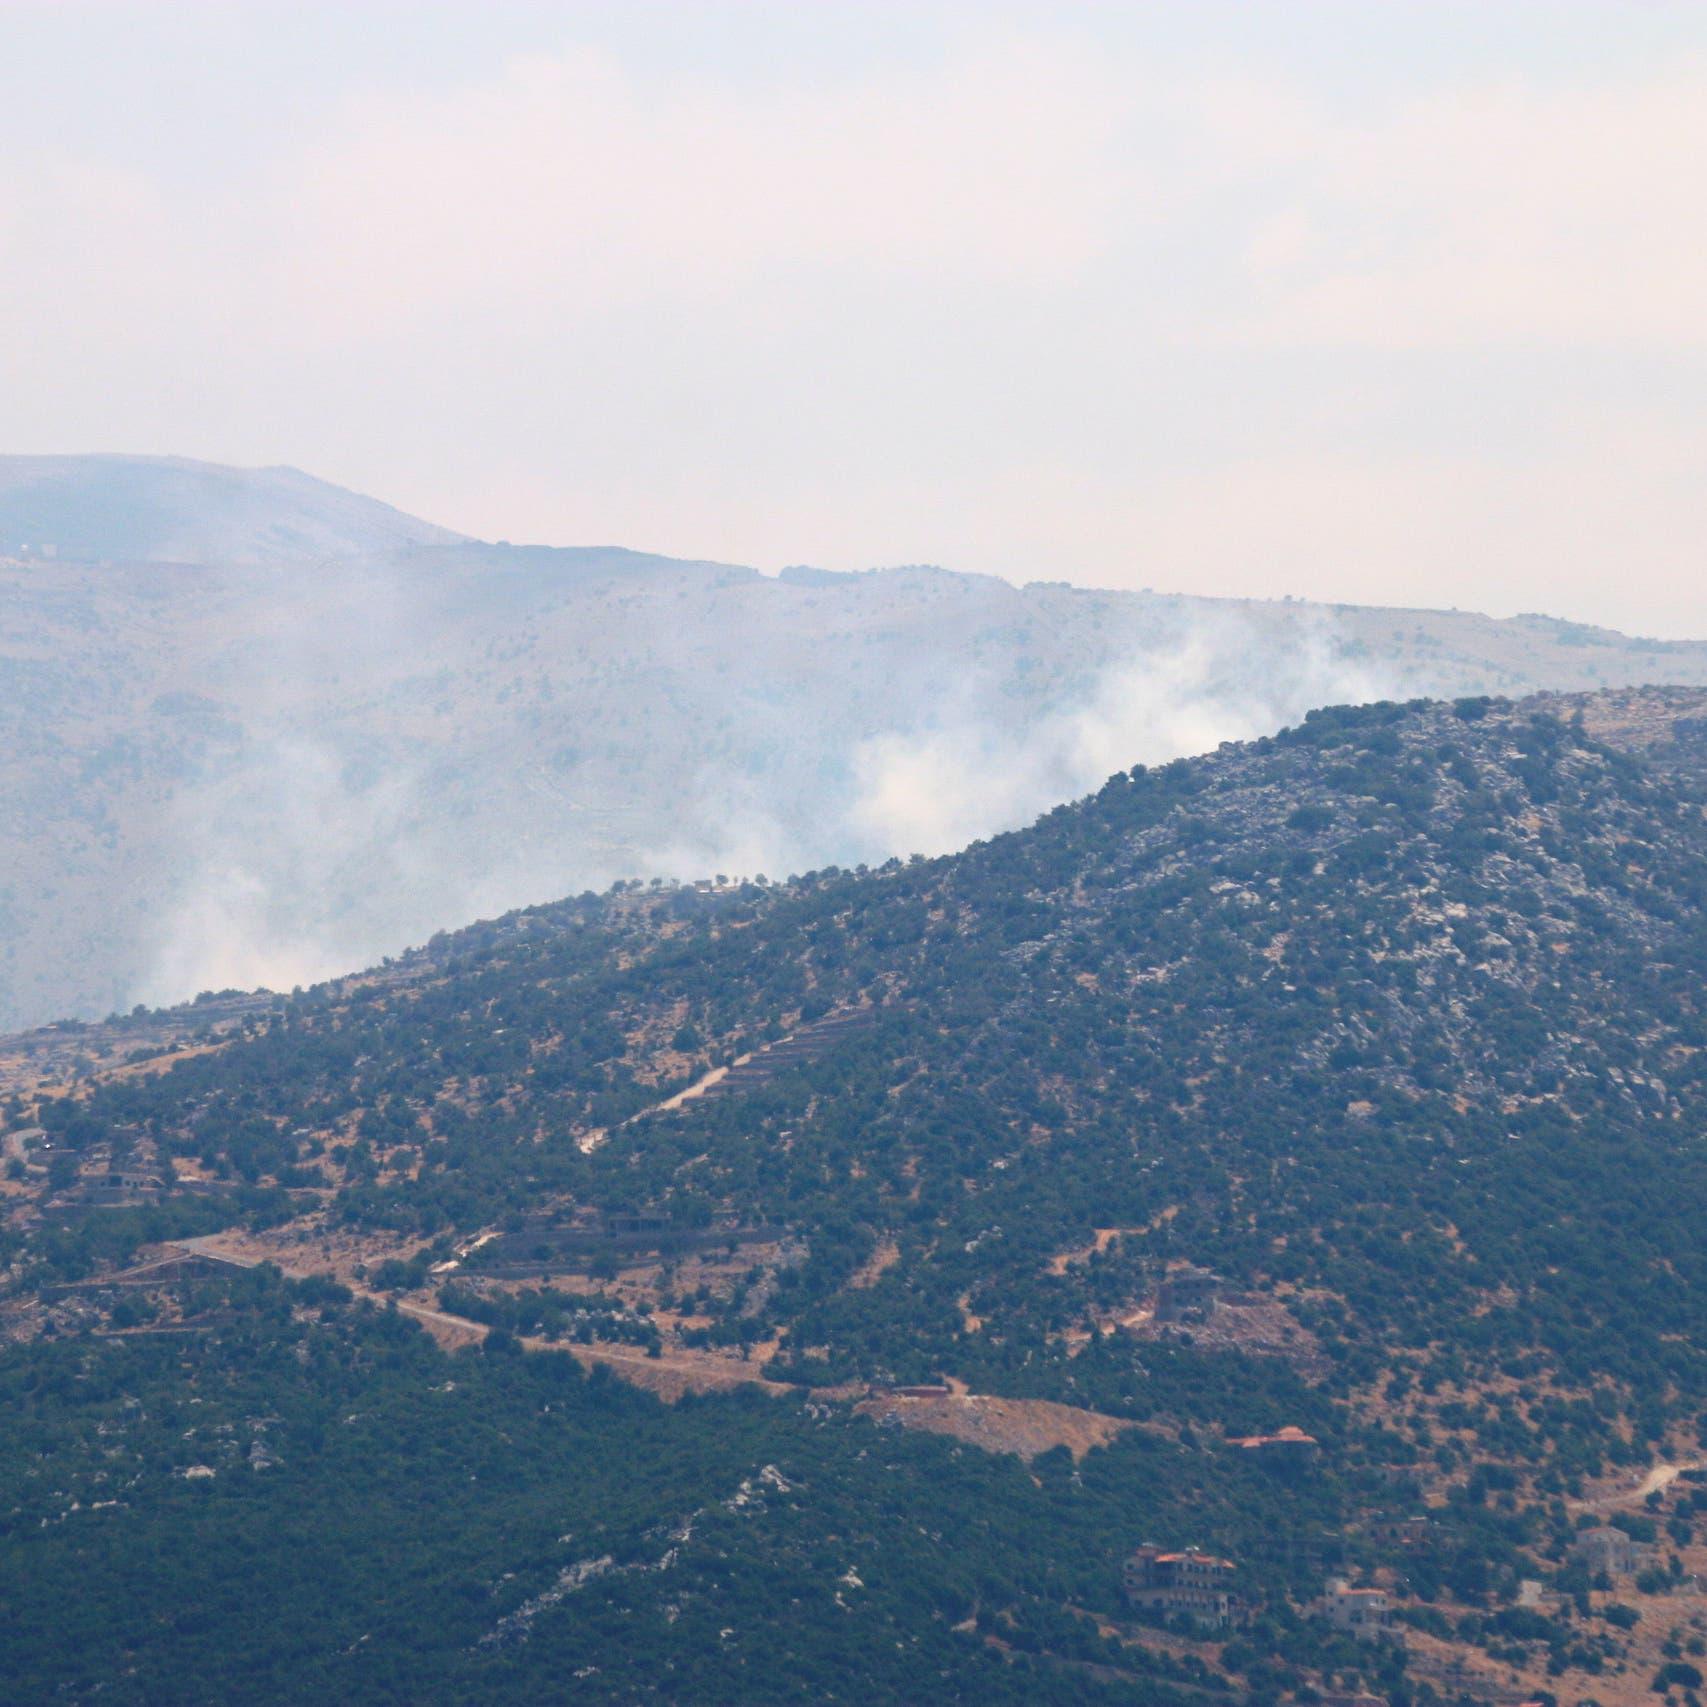 Hezbollah, Israel exchange fire across southern Lebanon border